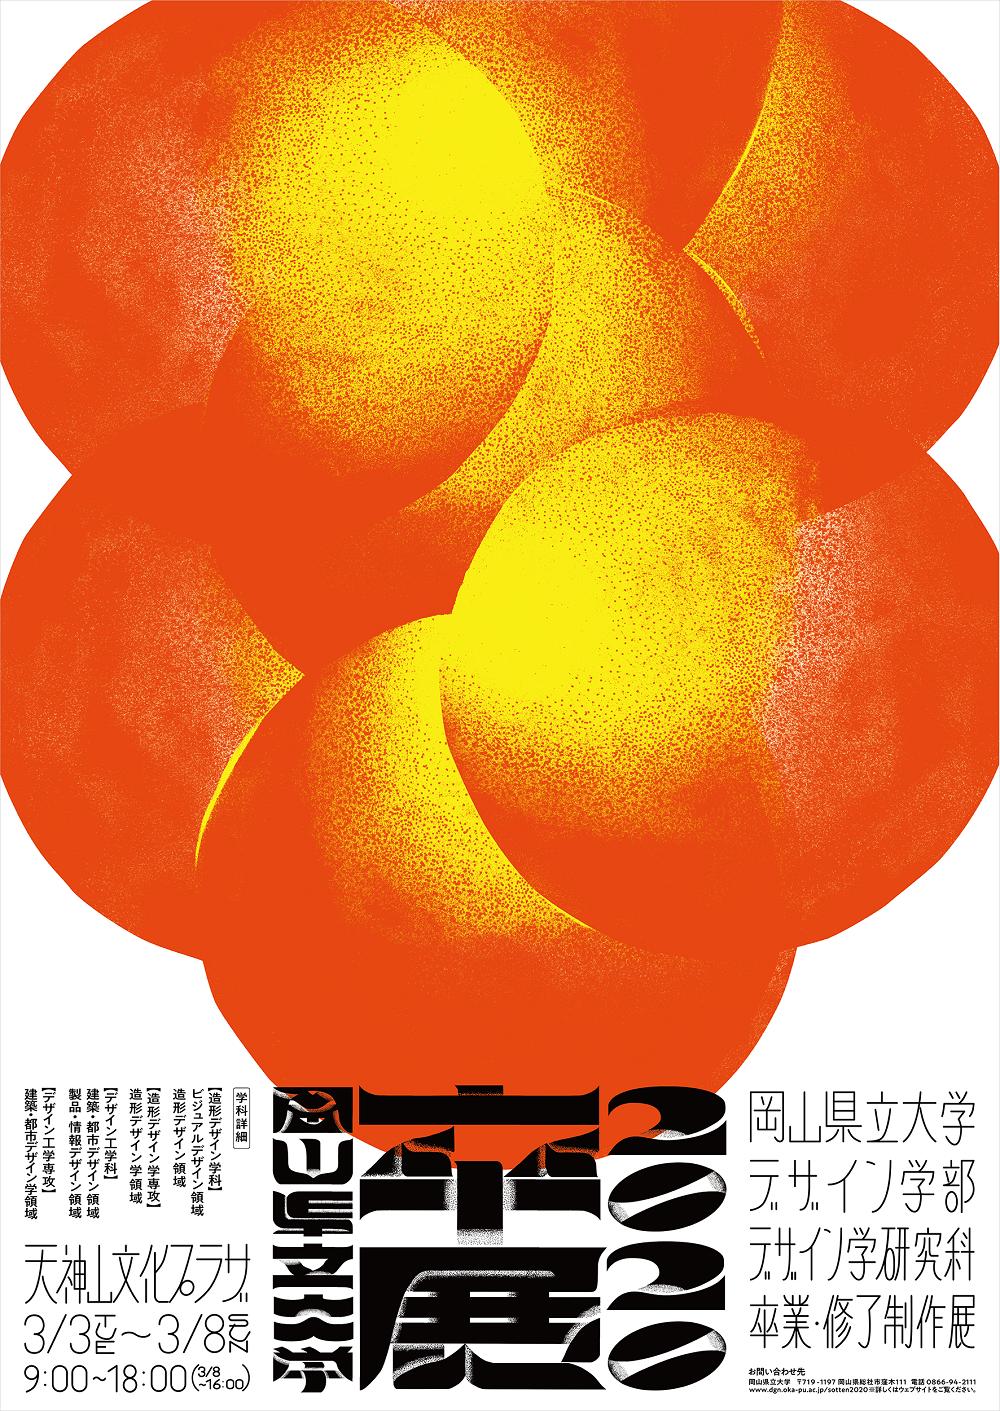 岡山県立大学 デザイン学部・デザイン学研究科 卒業・修了制作展2020